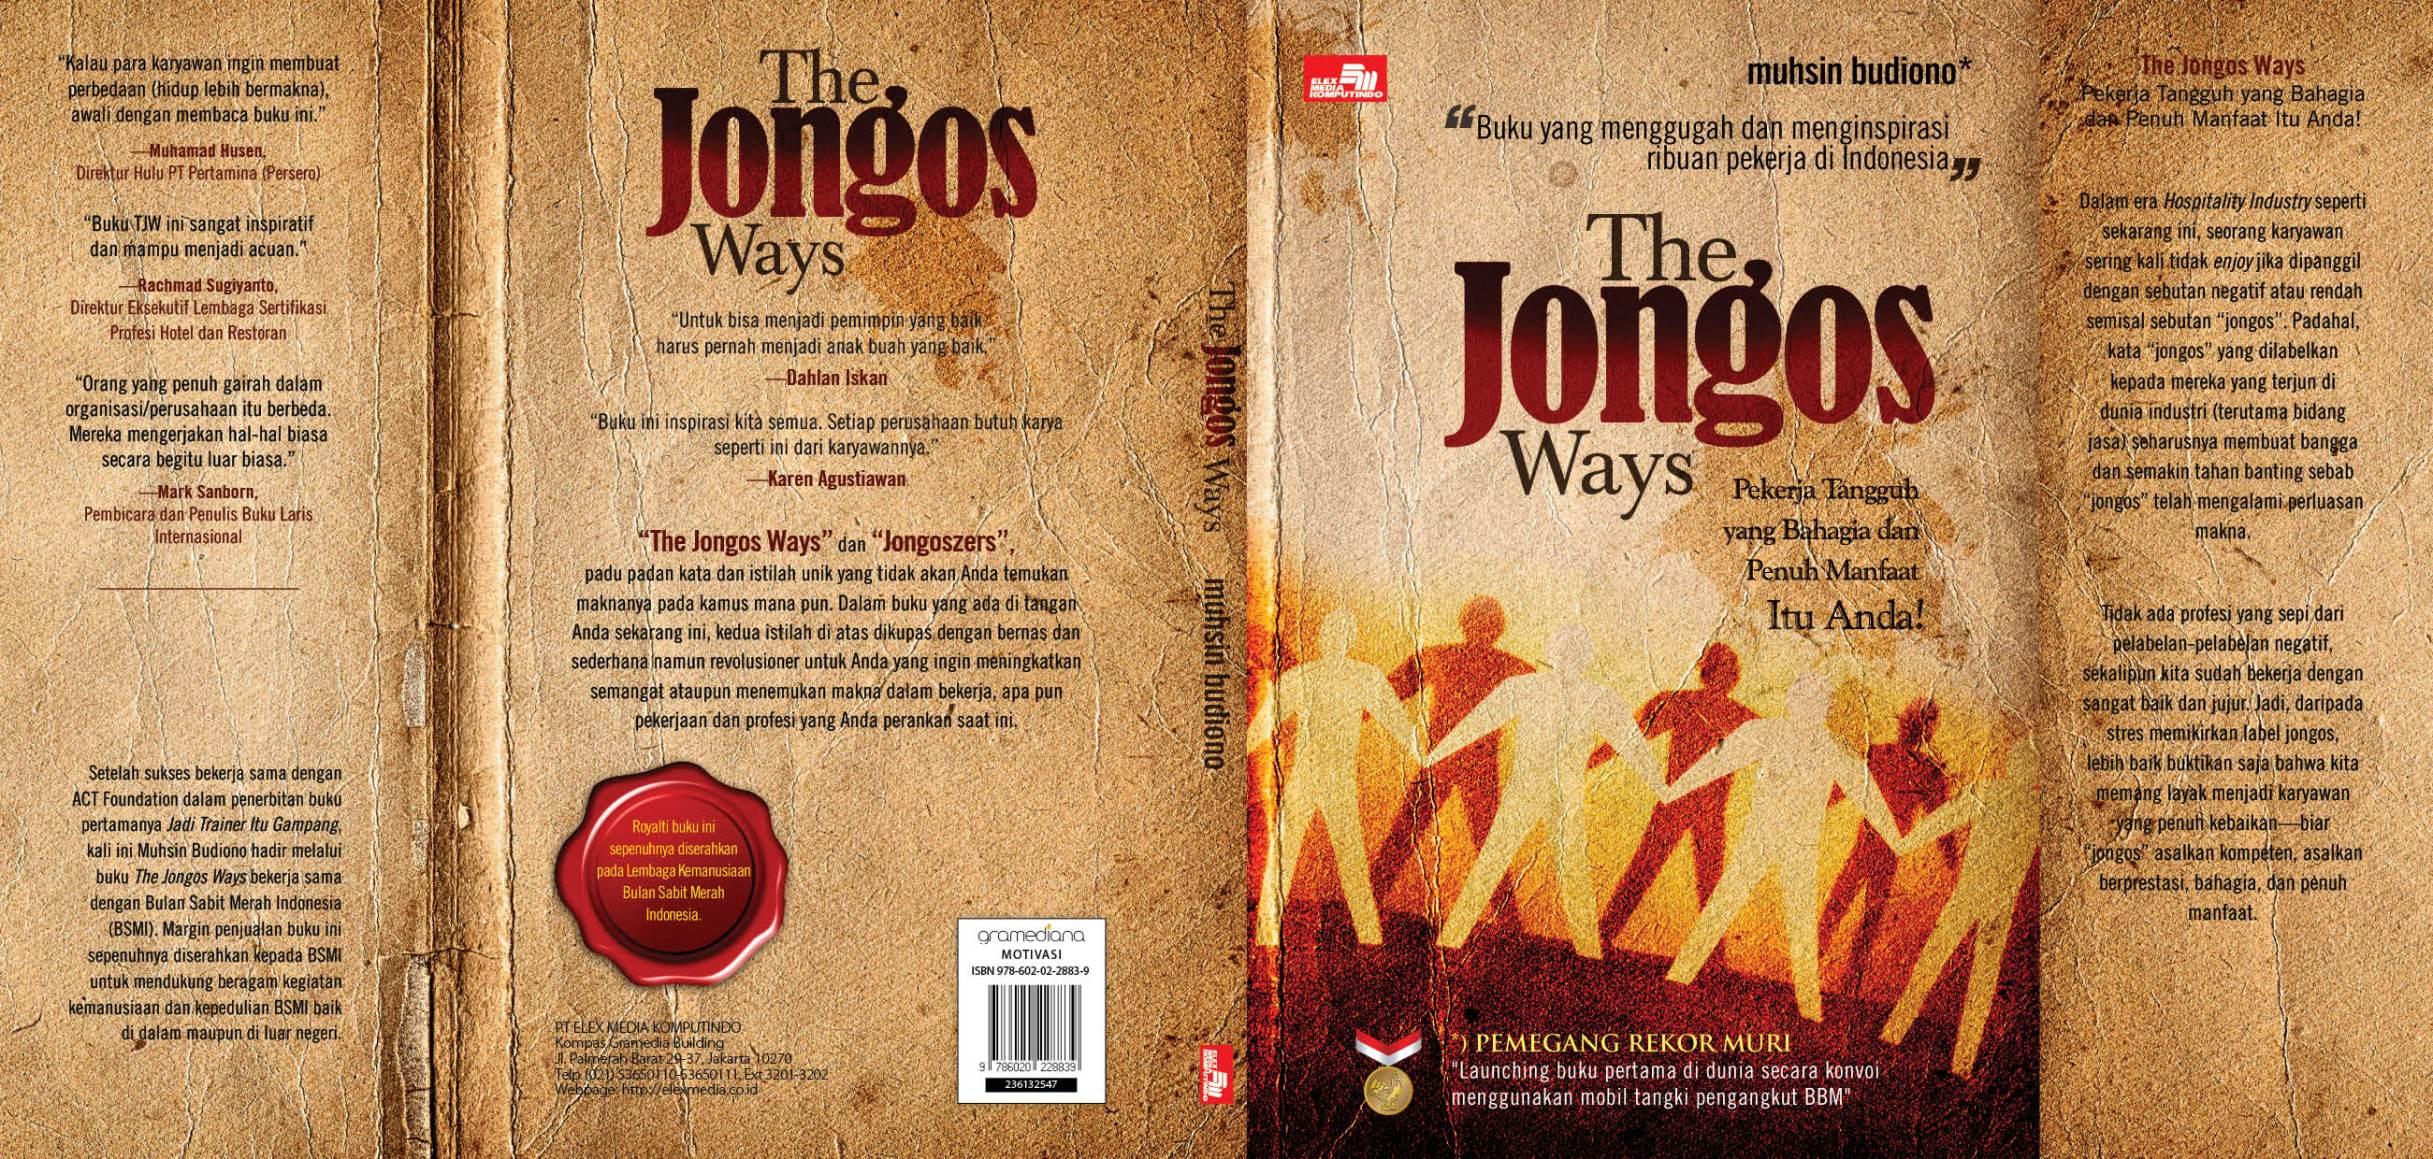 Buku The Jongos Ways (bisa dibawa pulang dari toko buku Gramedia terdekat di kota Anda)